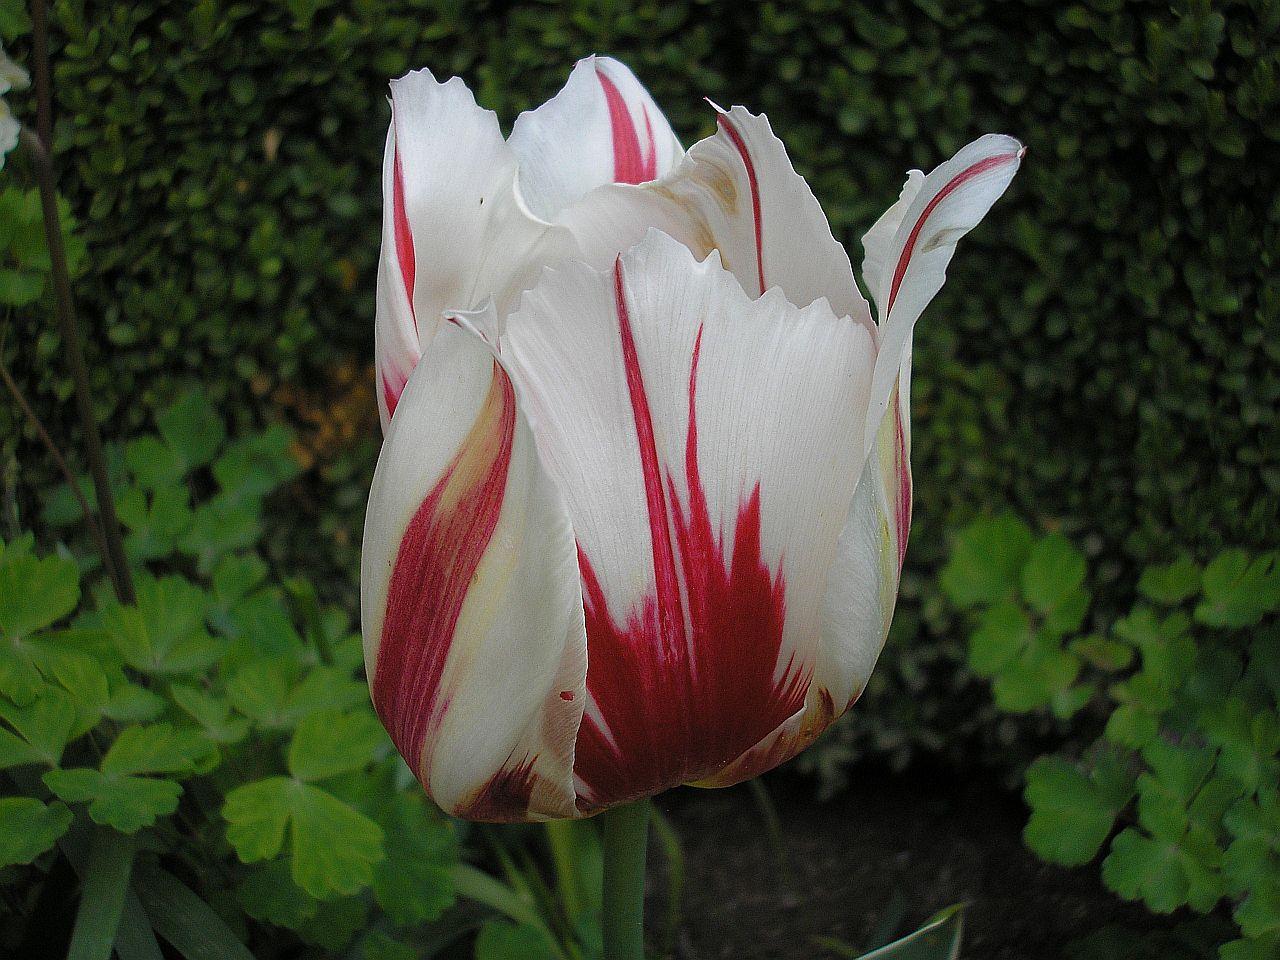 тюльпан хеппи генерейшен фото